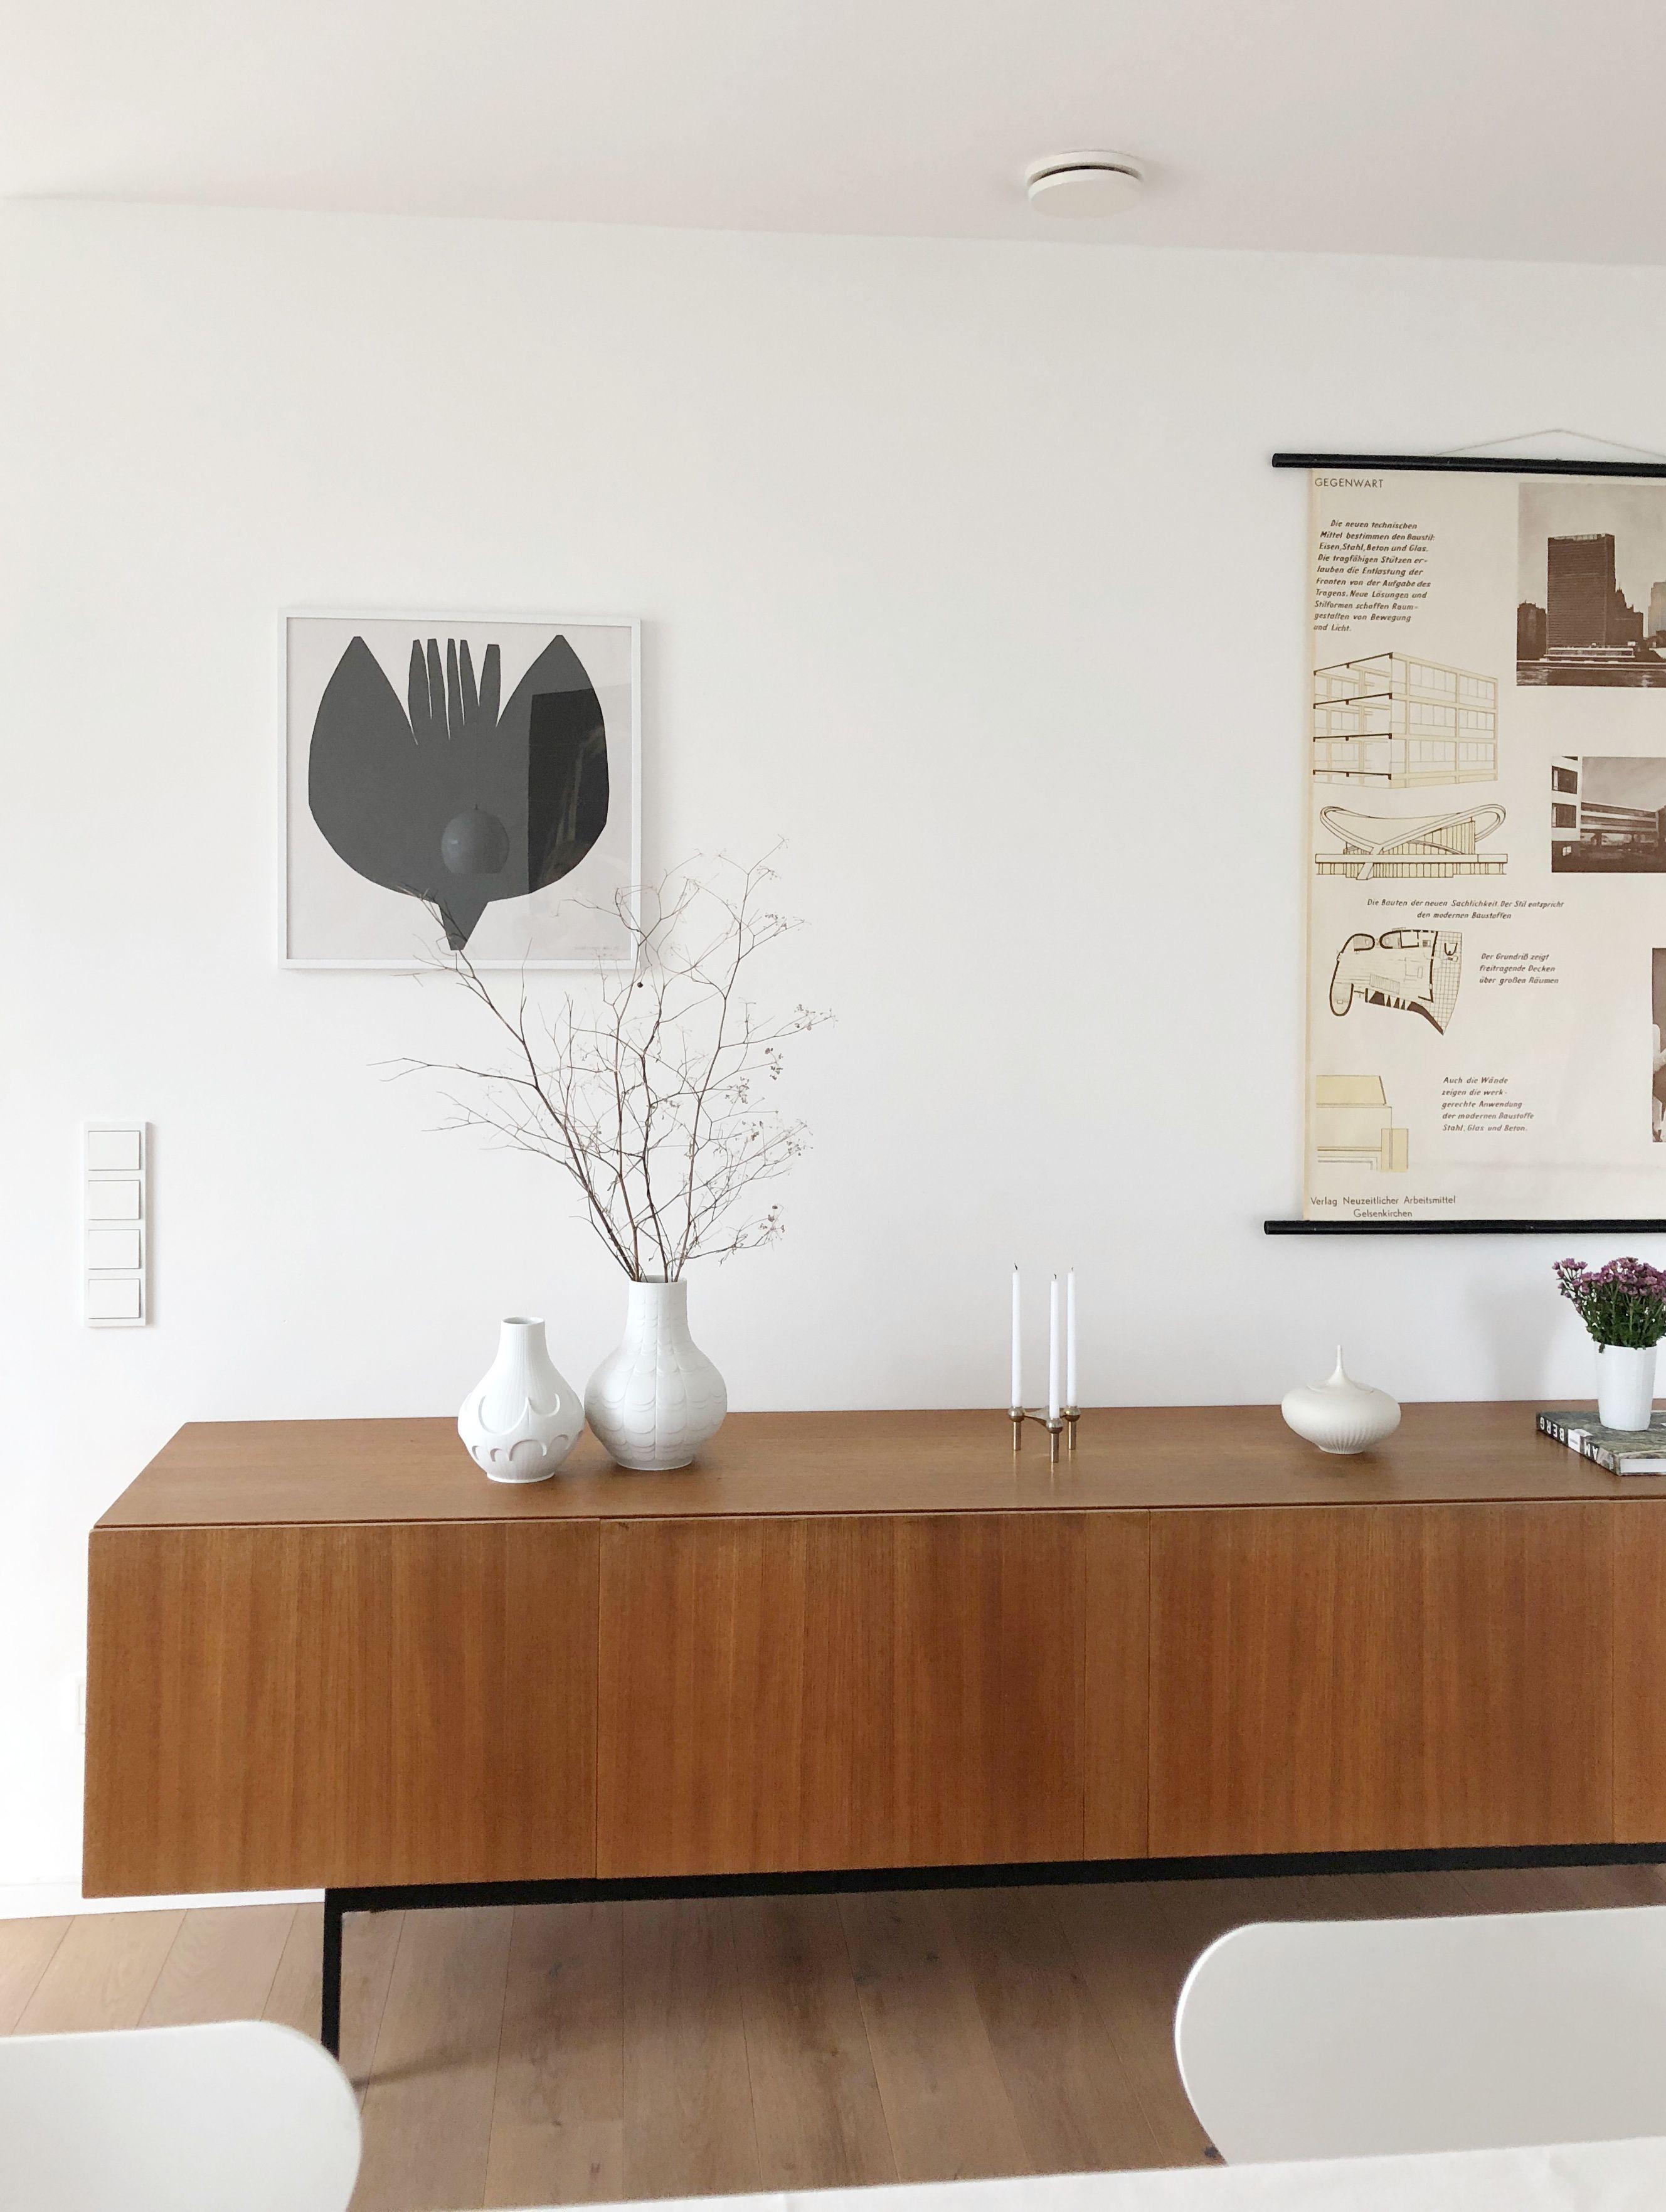 In My Home In Love With Vintage Furniture And Porcelain Sideboard Dieter Waeckerlin I Photo Sabine Wittig Nachhaltiges Design Tischdekoration Zuhause